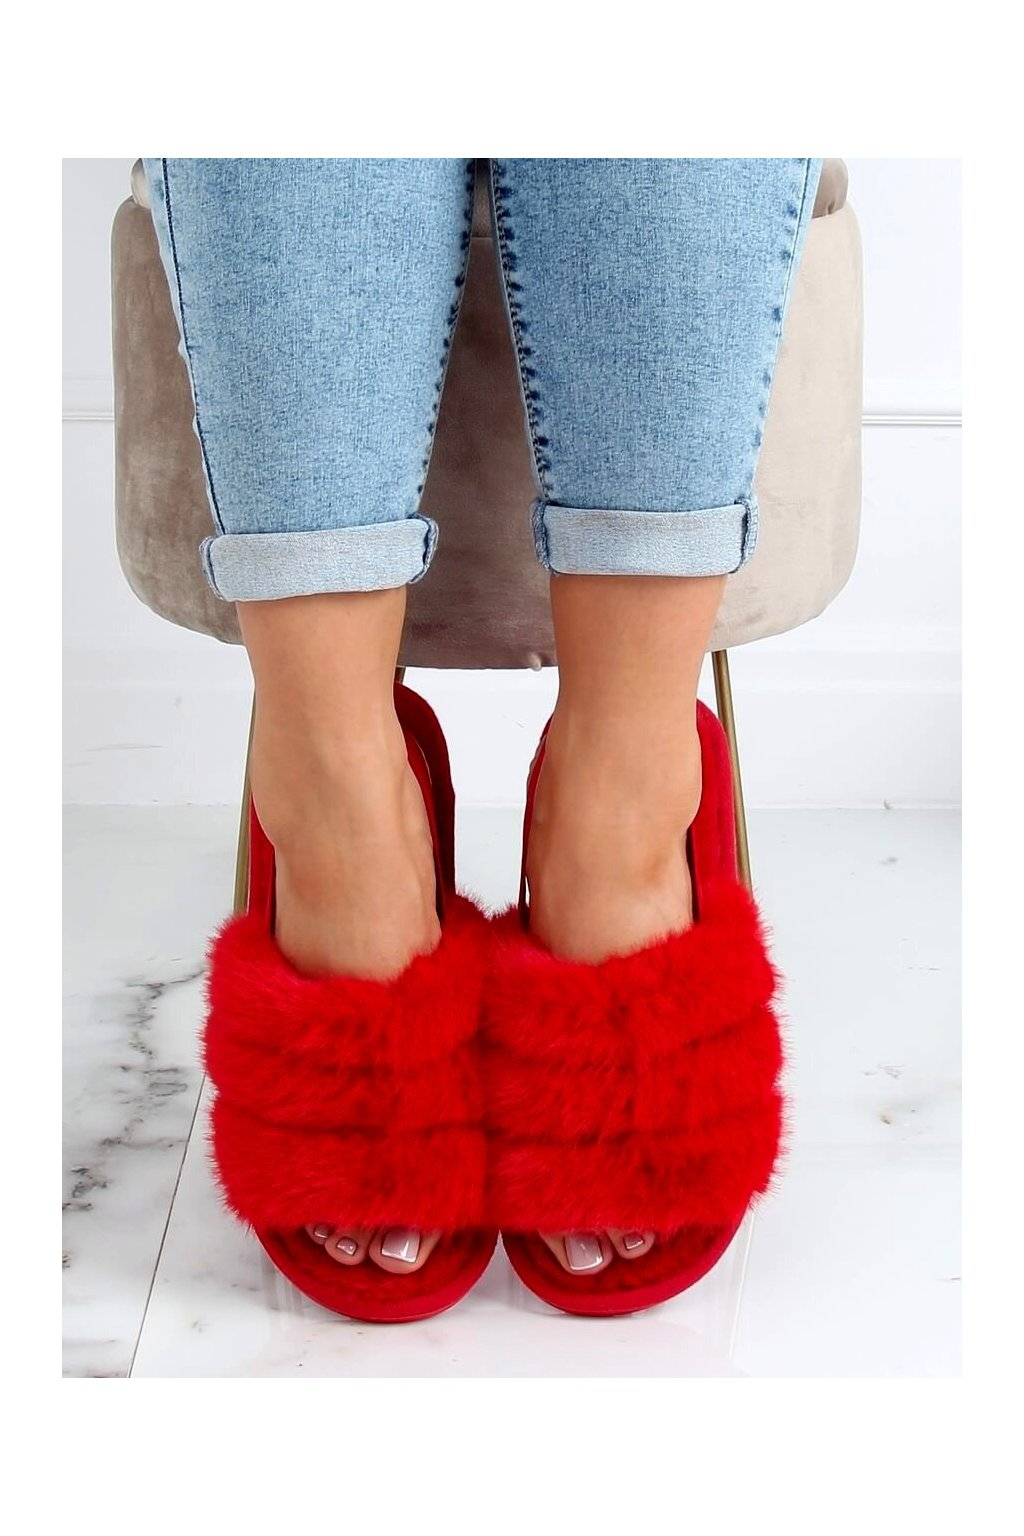 Damske ponožky červené KL-16